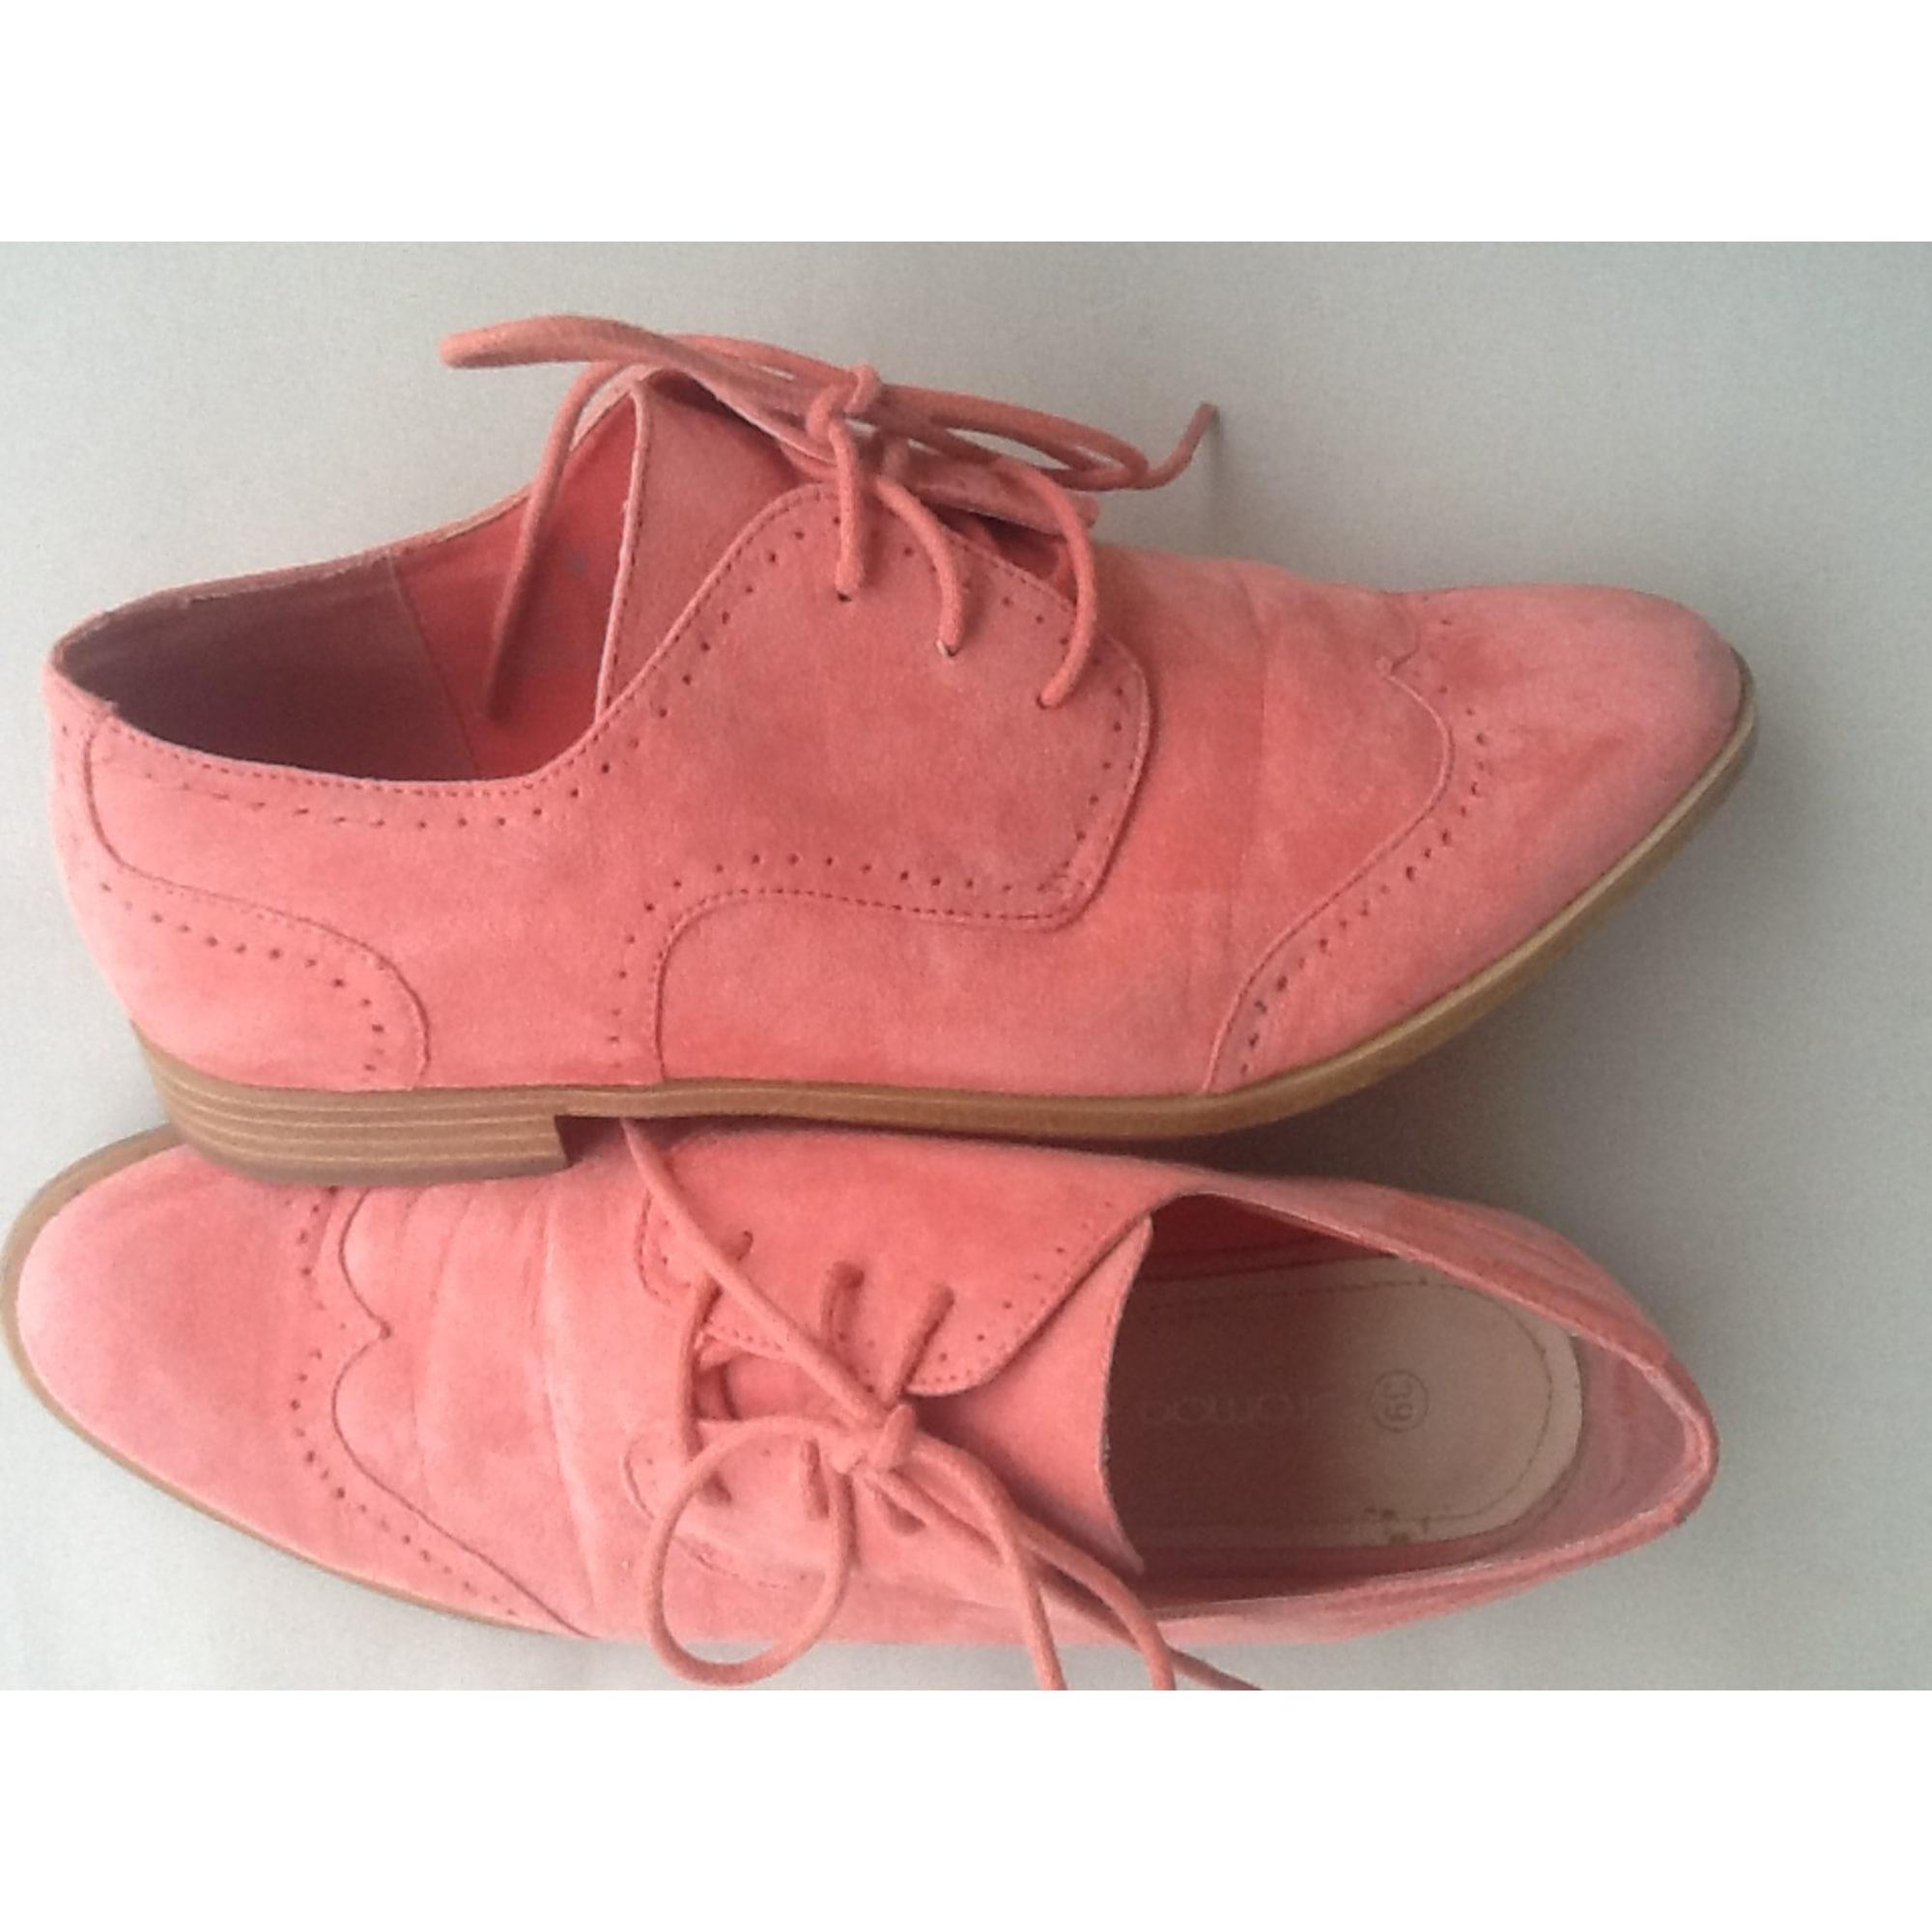 Chaussures à lacets  PROMOD Abricot/peche